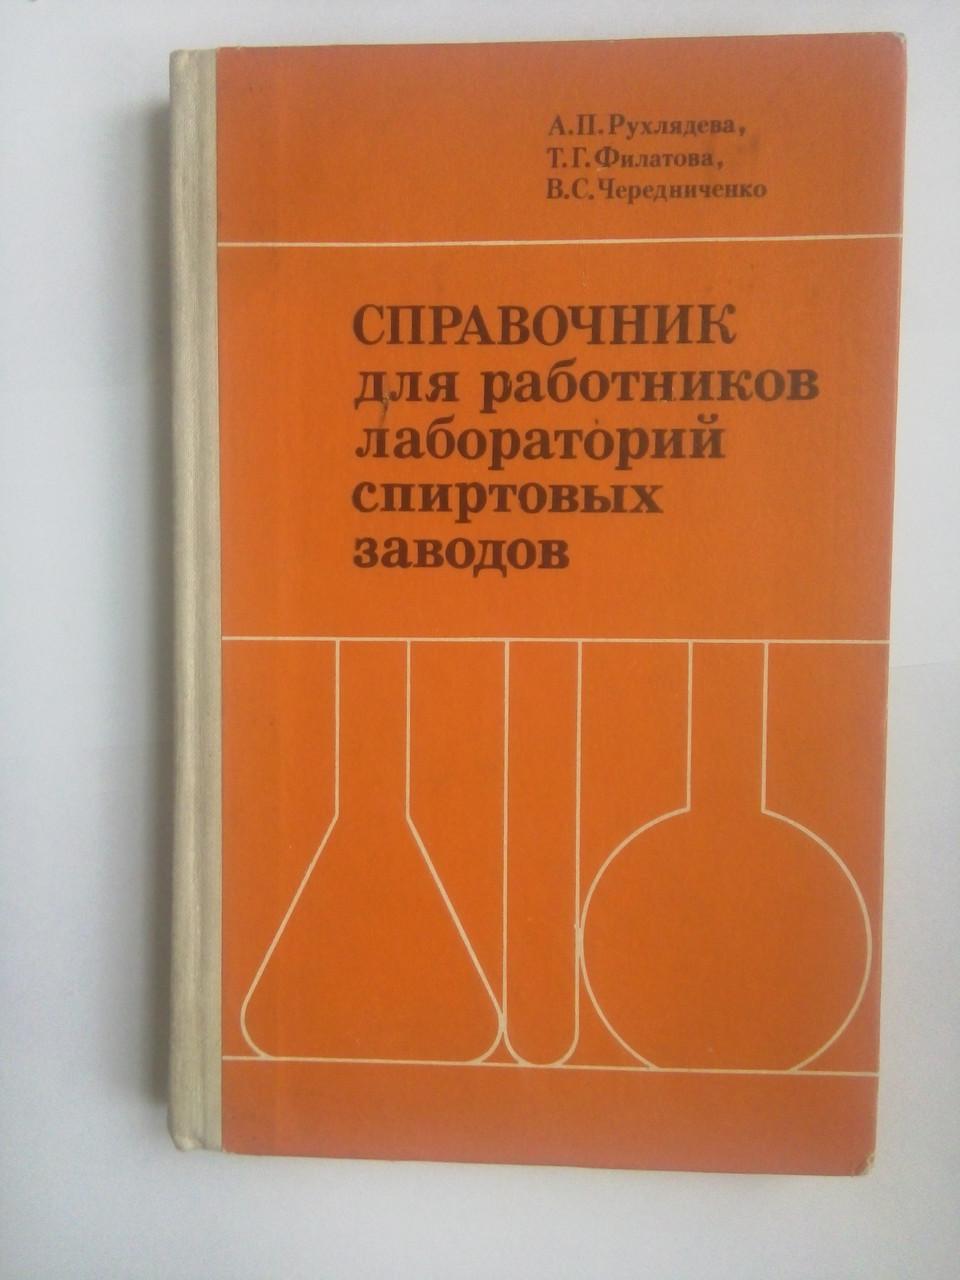 Справочник для работников лабораторий спиртовых заводов